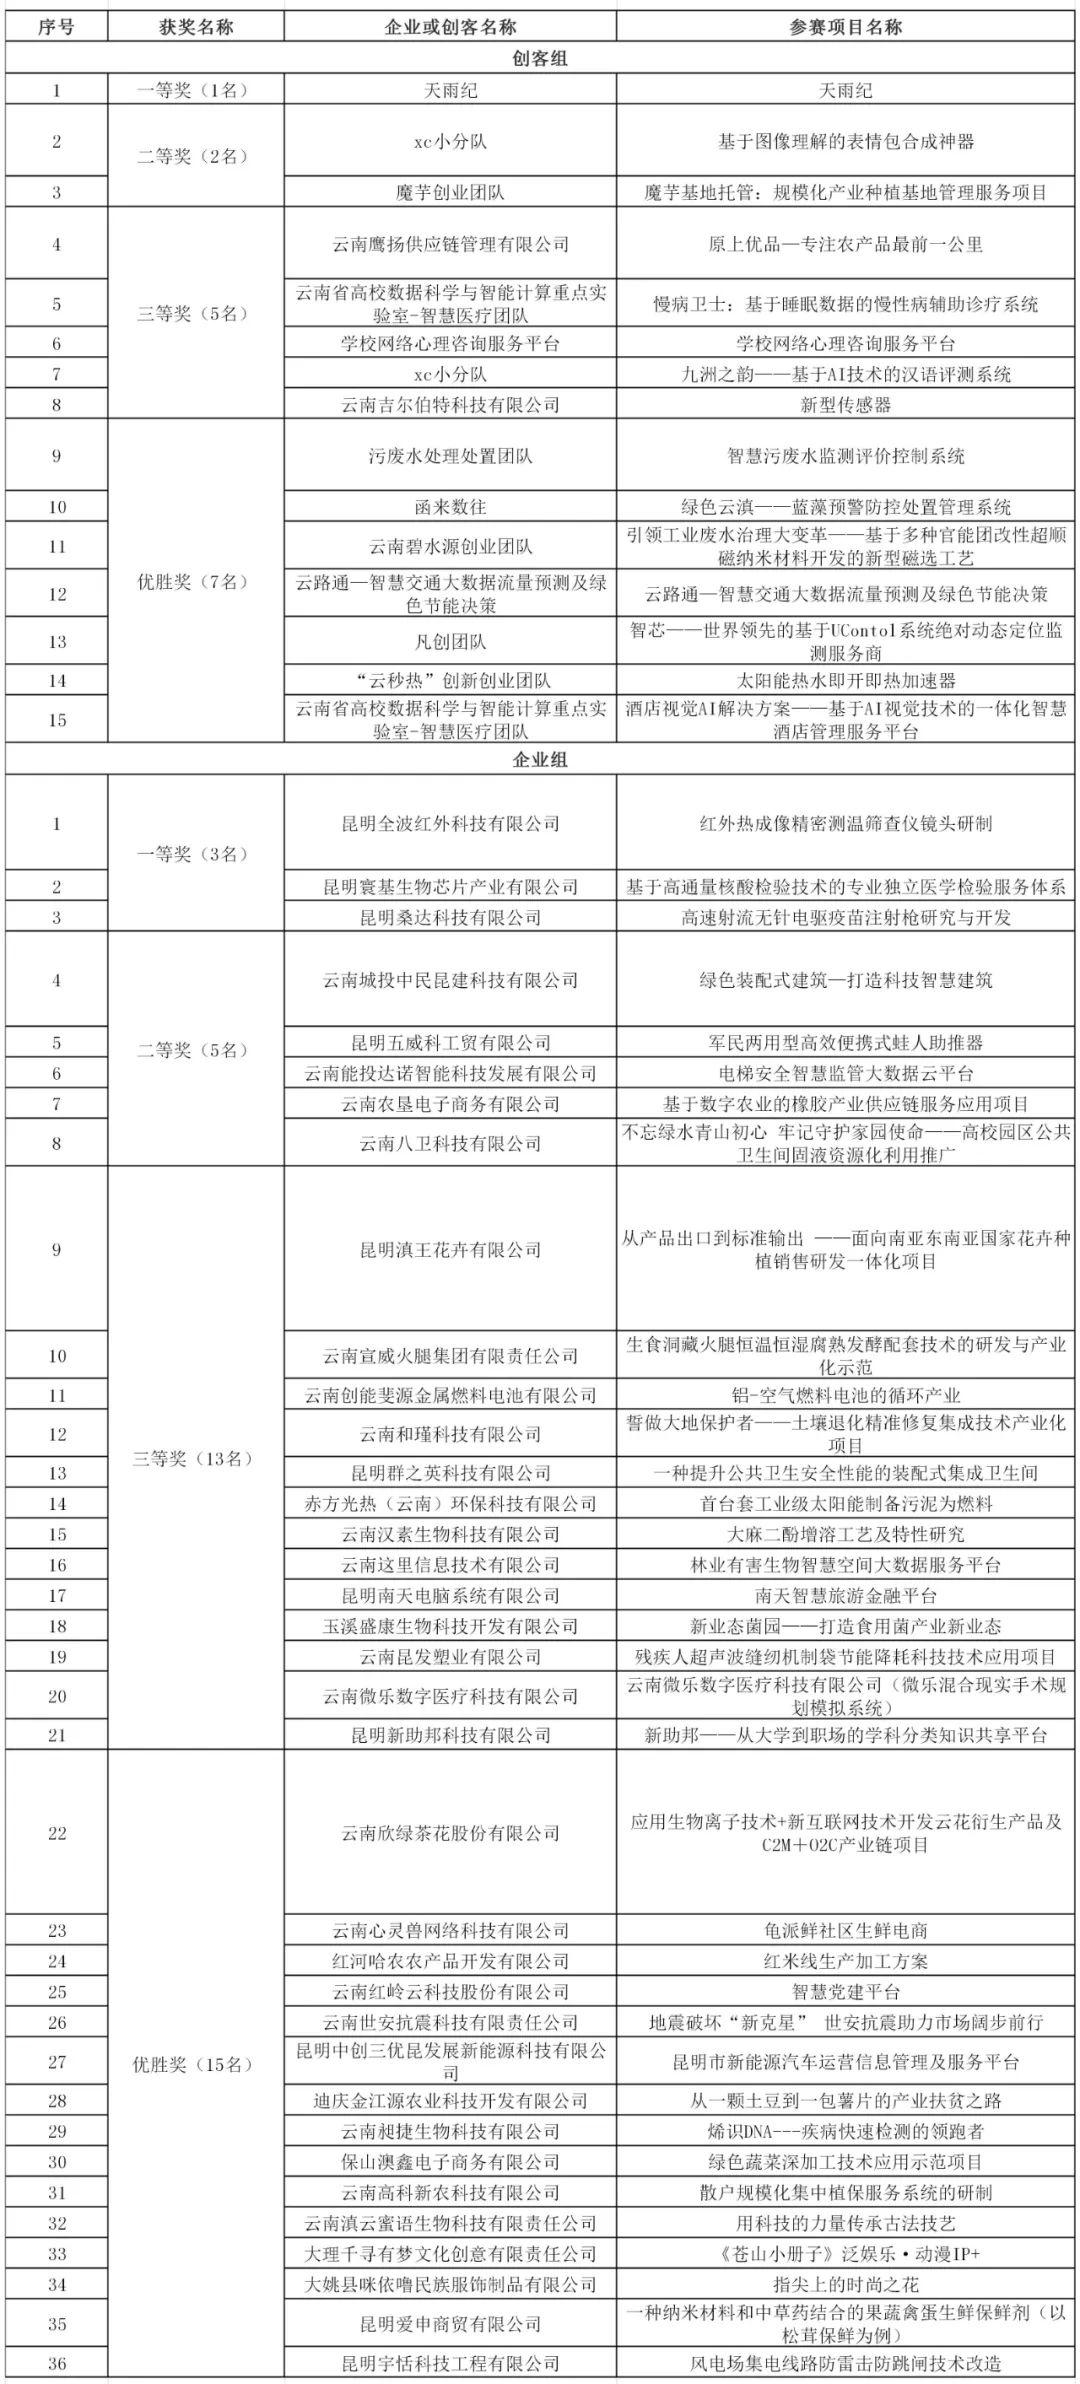 """【关注】51个项目获奖!2020年""""创客中国""""云南省中小企业创新创业大赛决赛获奖名单公布"""